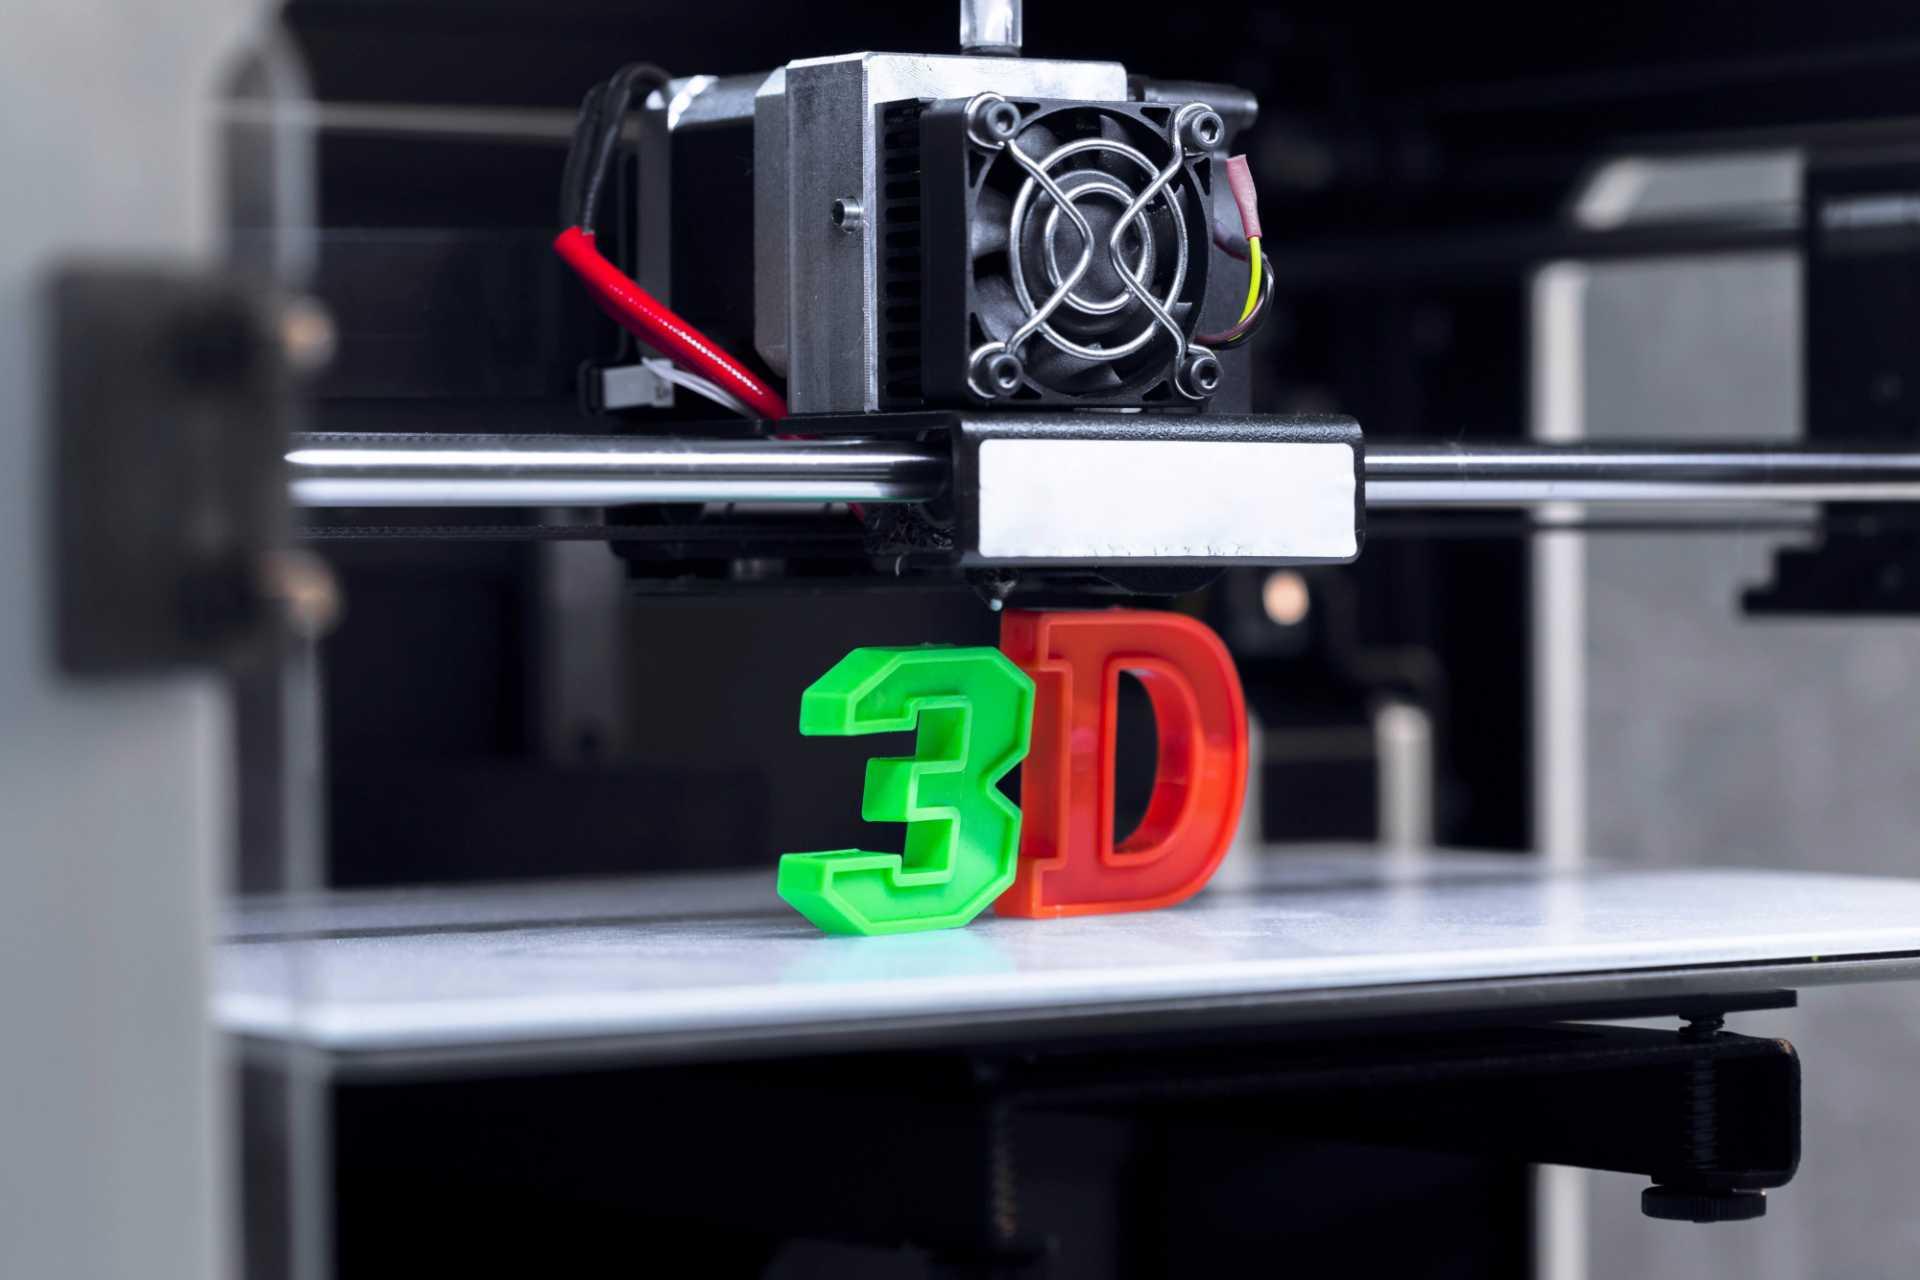 Şu an bile gündeme gelen 3D üretim mühendisliği, gelecekte değerli hale gelecektir.